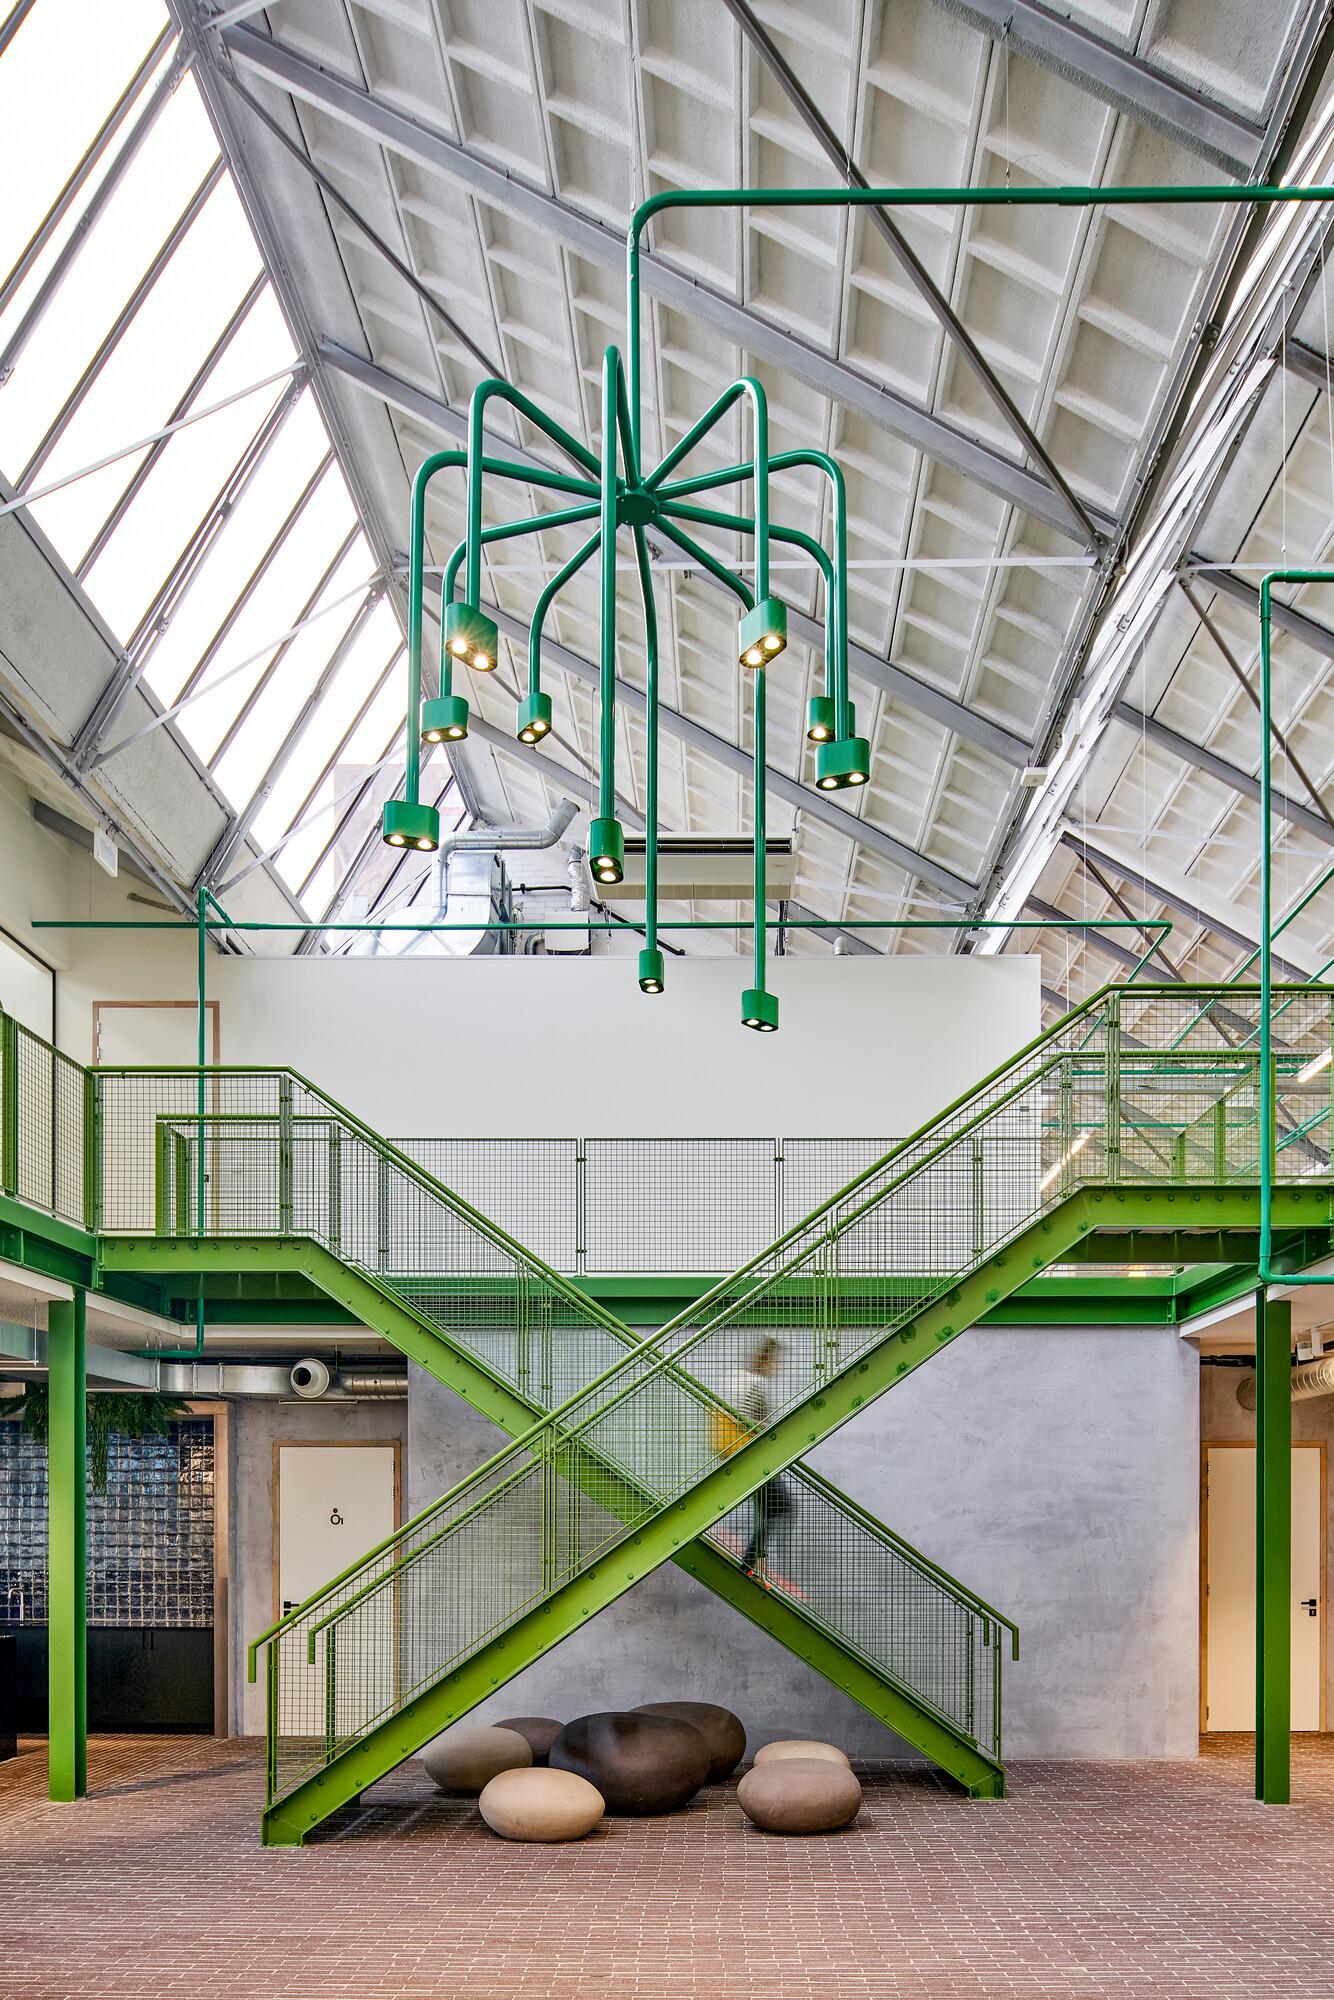 <p>In het atrium hangt een grote kroonluchter, op maat gemaakt. De voeding van deze kroonluchter komt uit de kabelboom, het element waarop concept is gebaseerd. fotografie Philip Jintes @ Phenster</p>